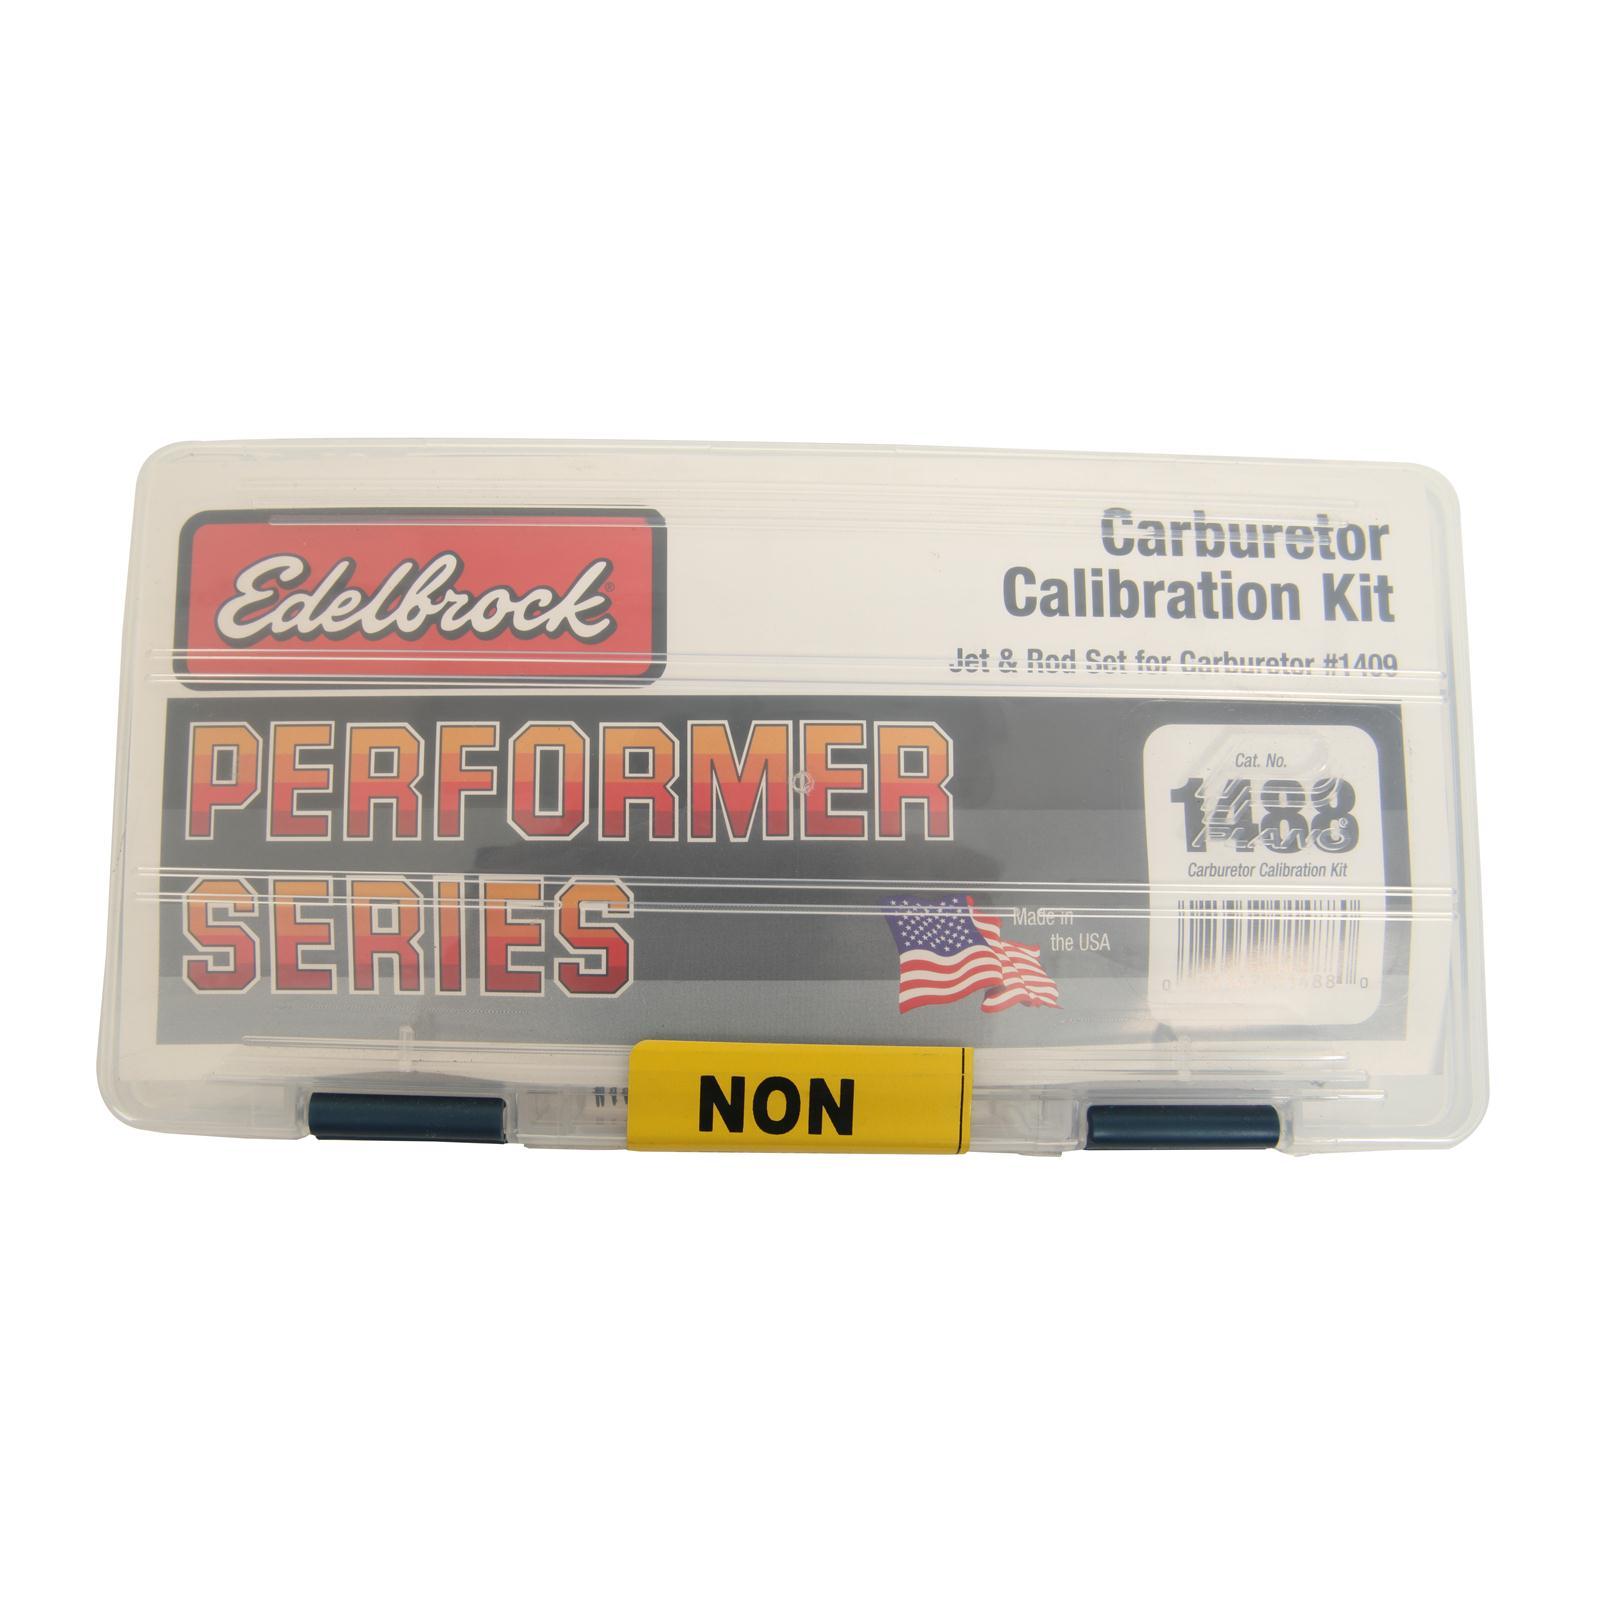 Performer Series Carburetor Calibration Kits 1486 Edelbrock  EDELBROCK